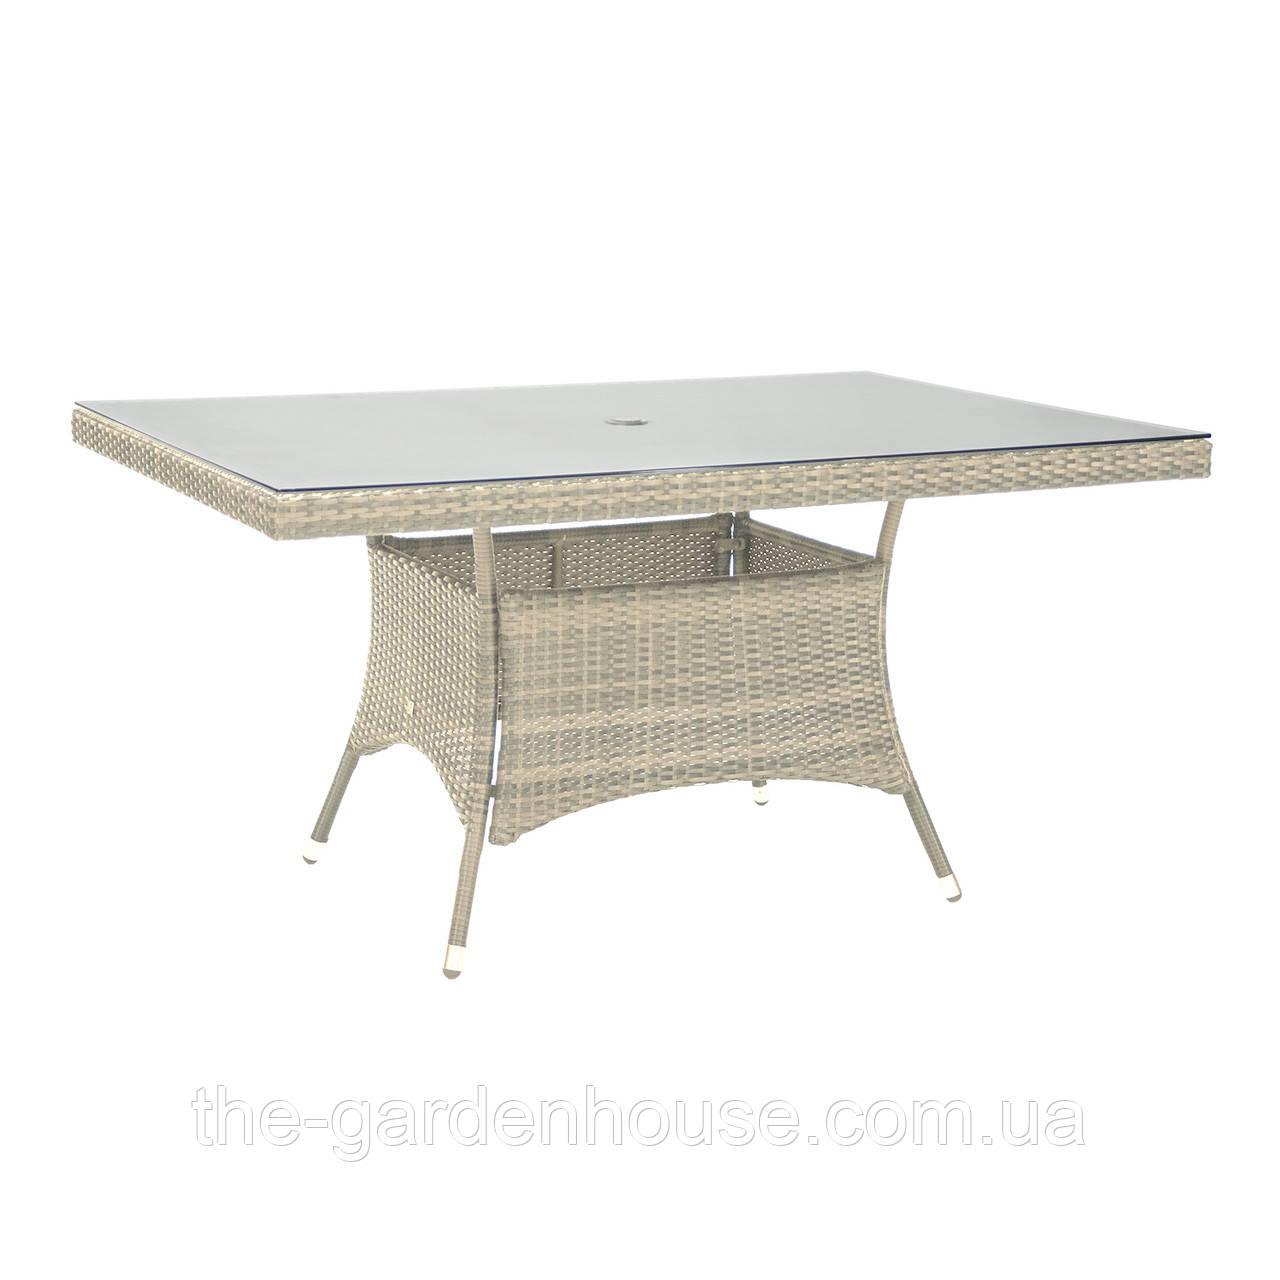 Обідній стіл Wicker з штучного ротанга зі склом 150x100 см світло-бежевий